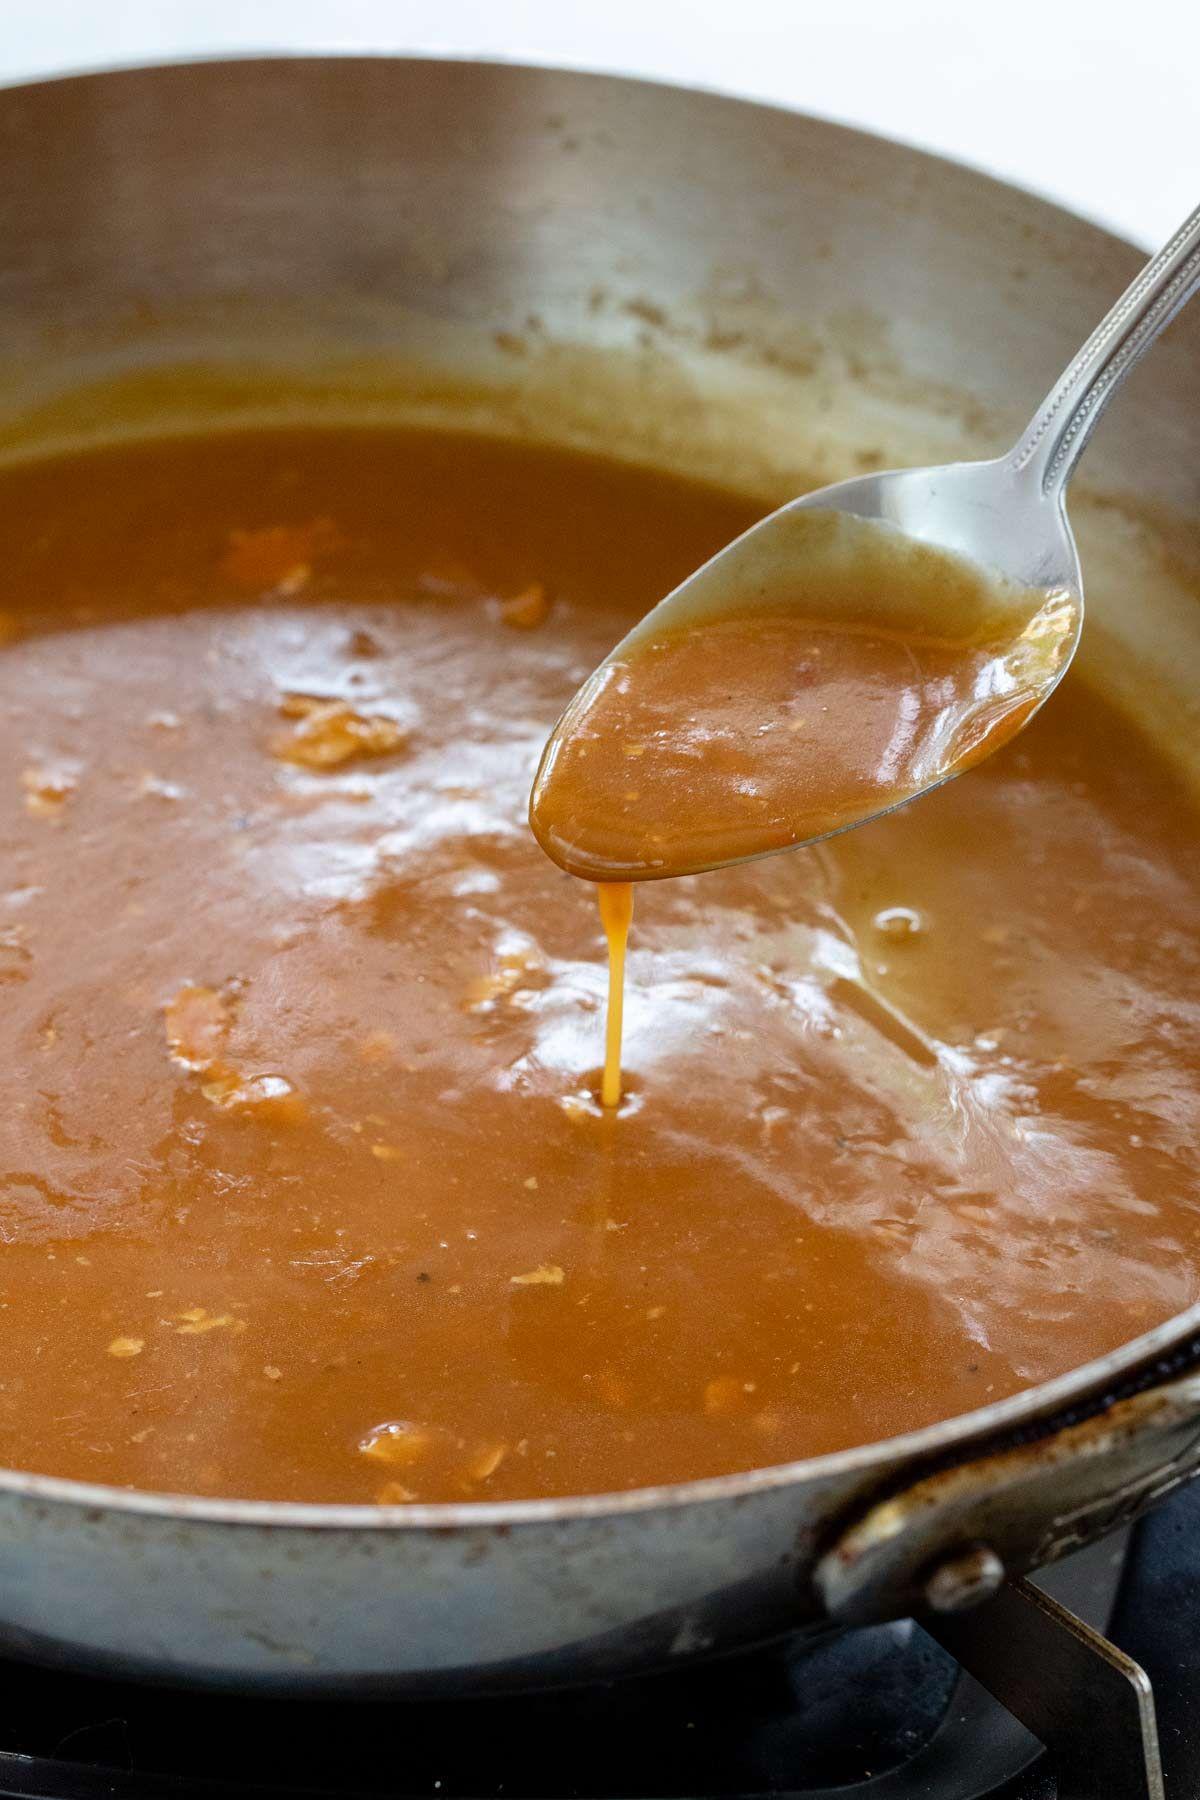 How To Make Gravy Jessica Gavin Recipe How To Make Gravy Easy Gravy Homemade Brown Gravy